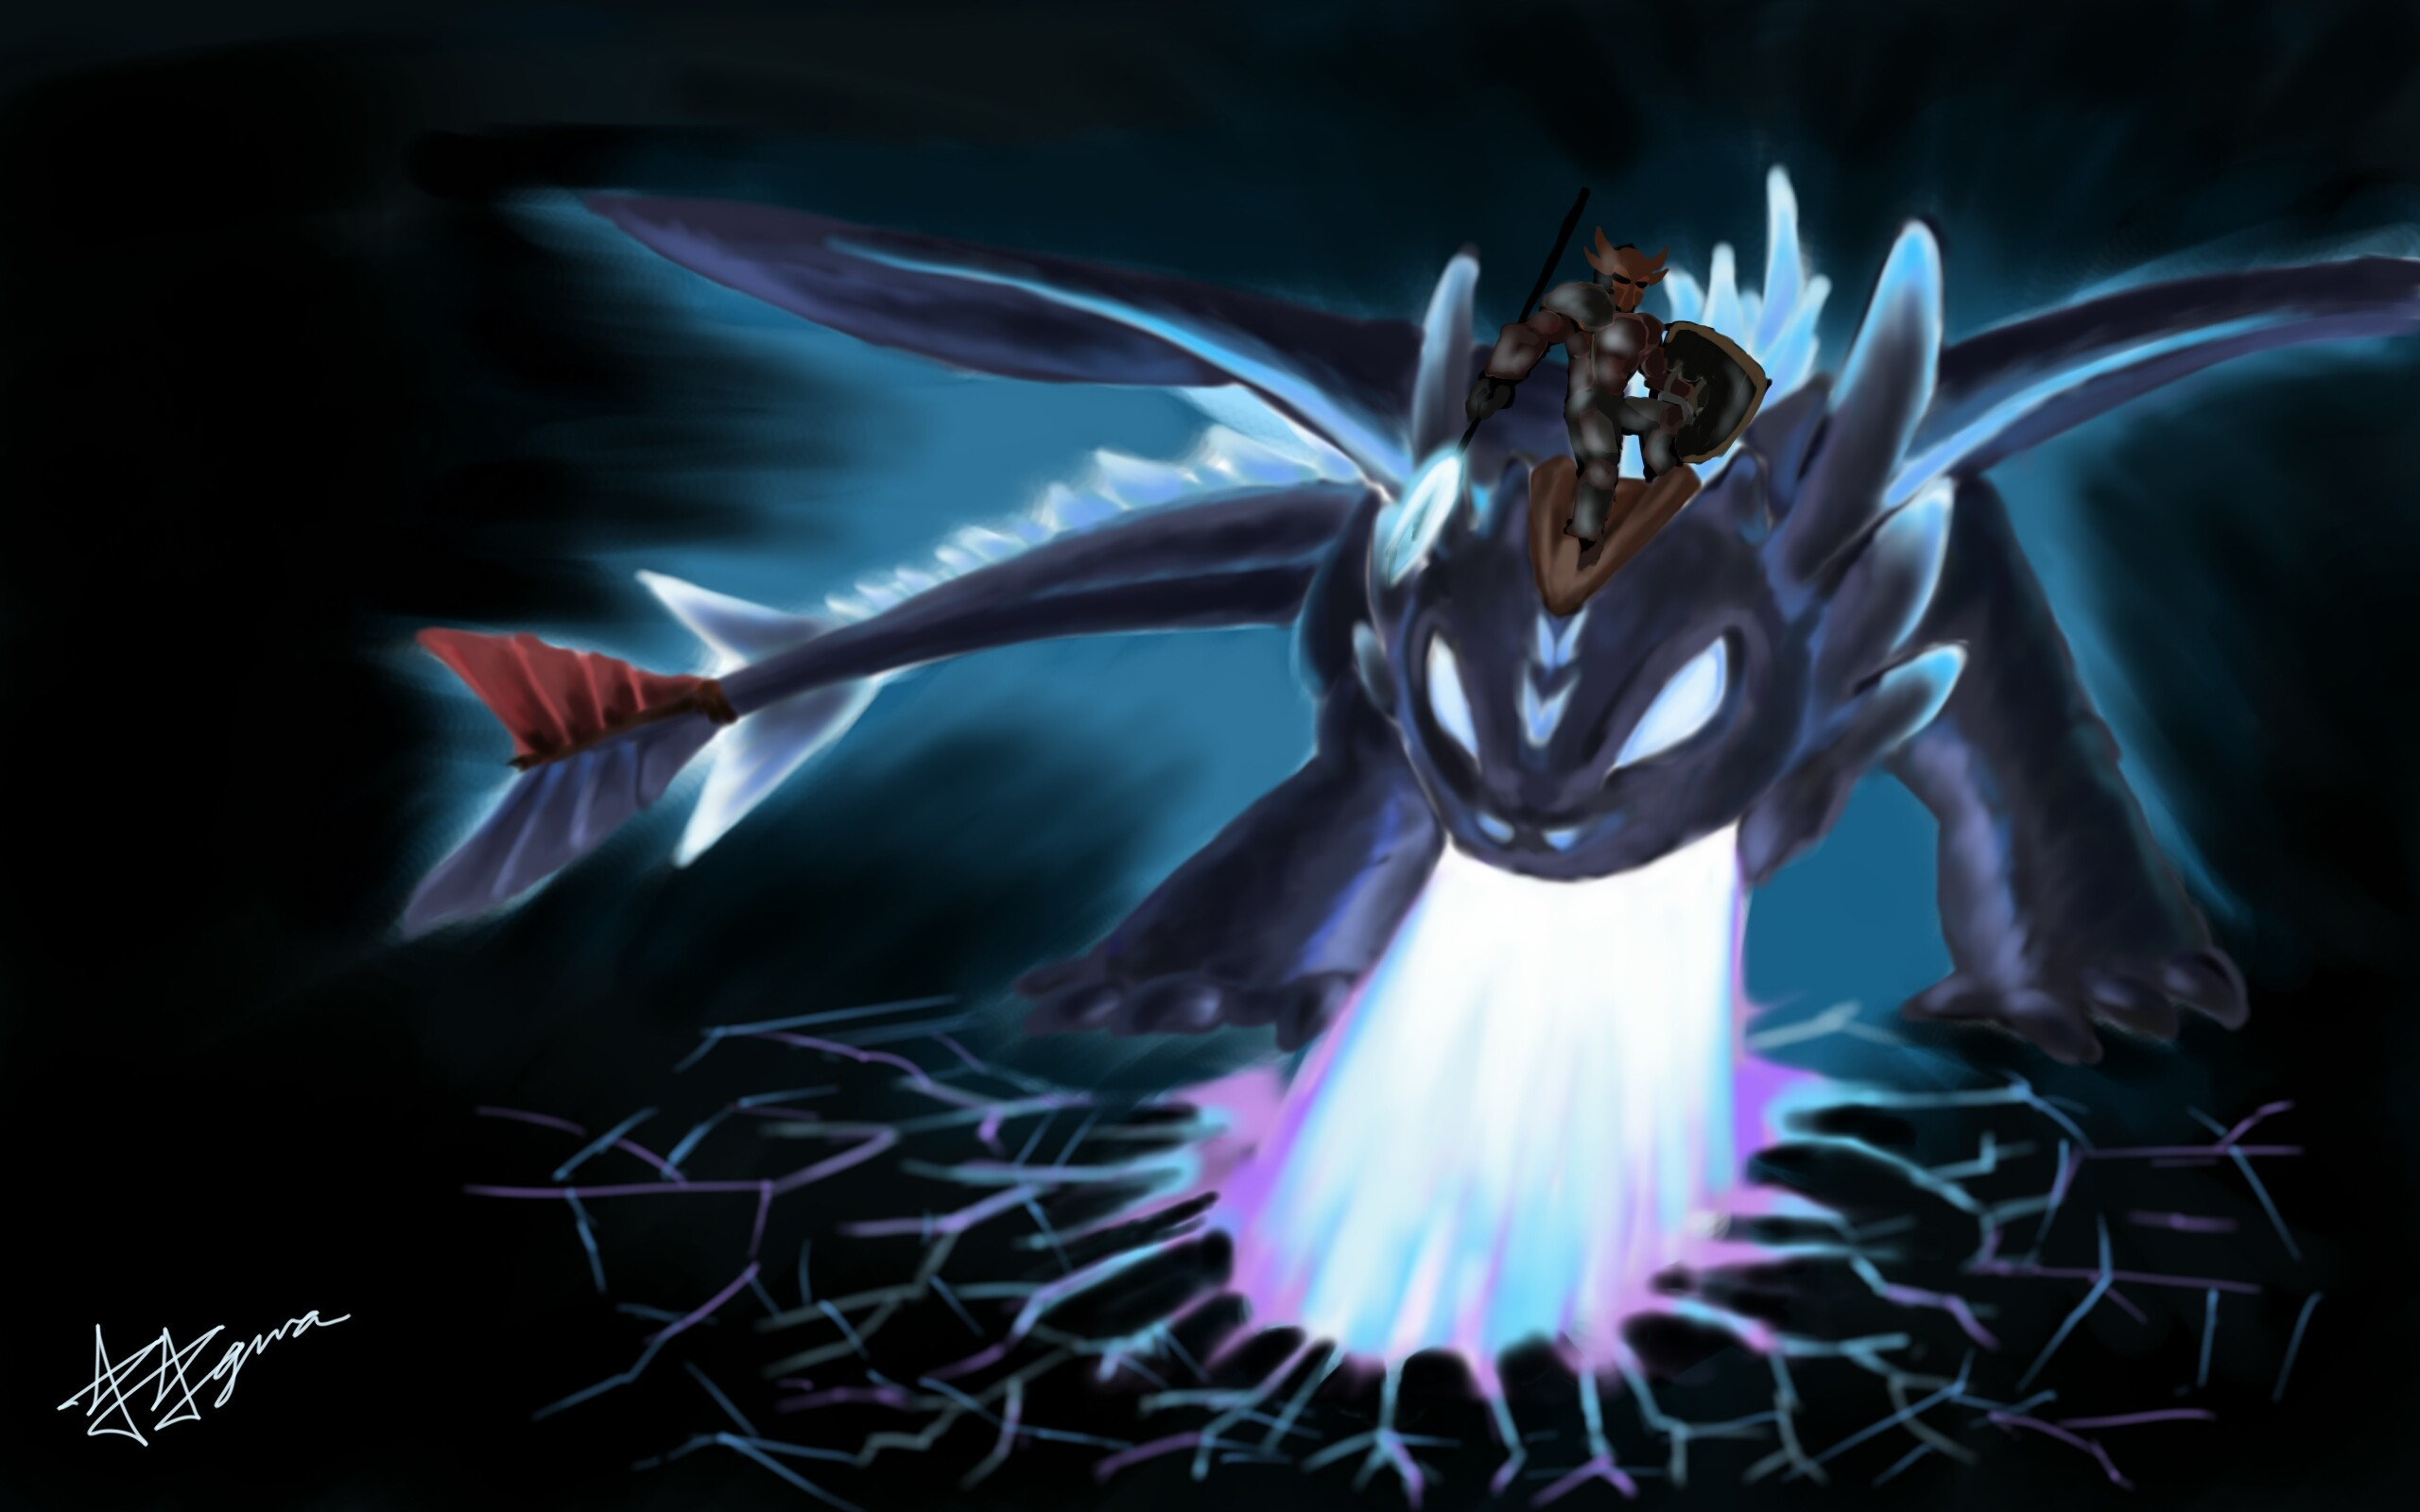 Alpha Toothless by KawaiiRaichu on DeviantArt